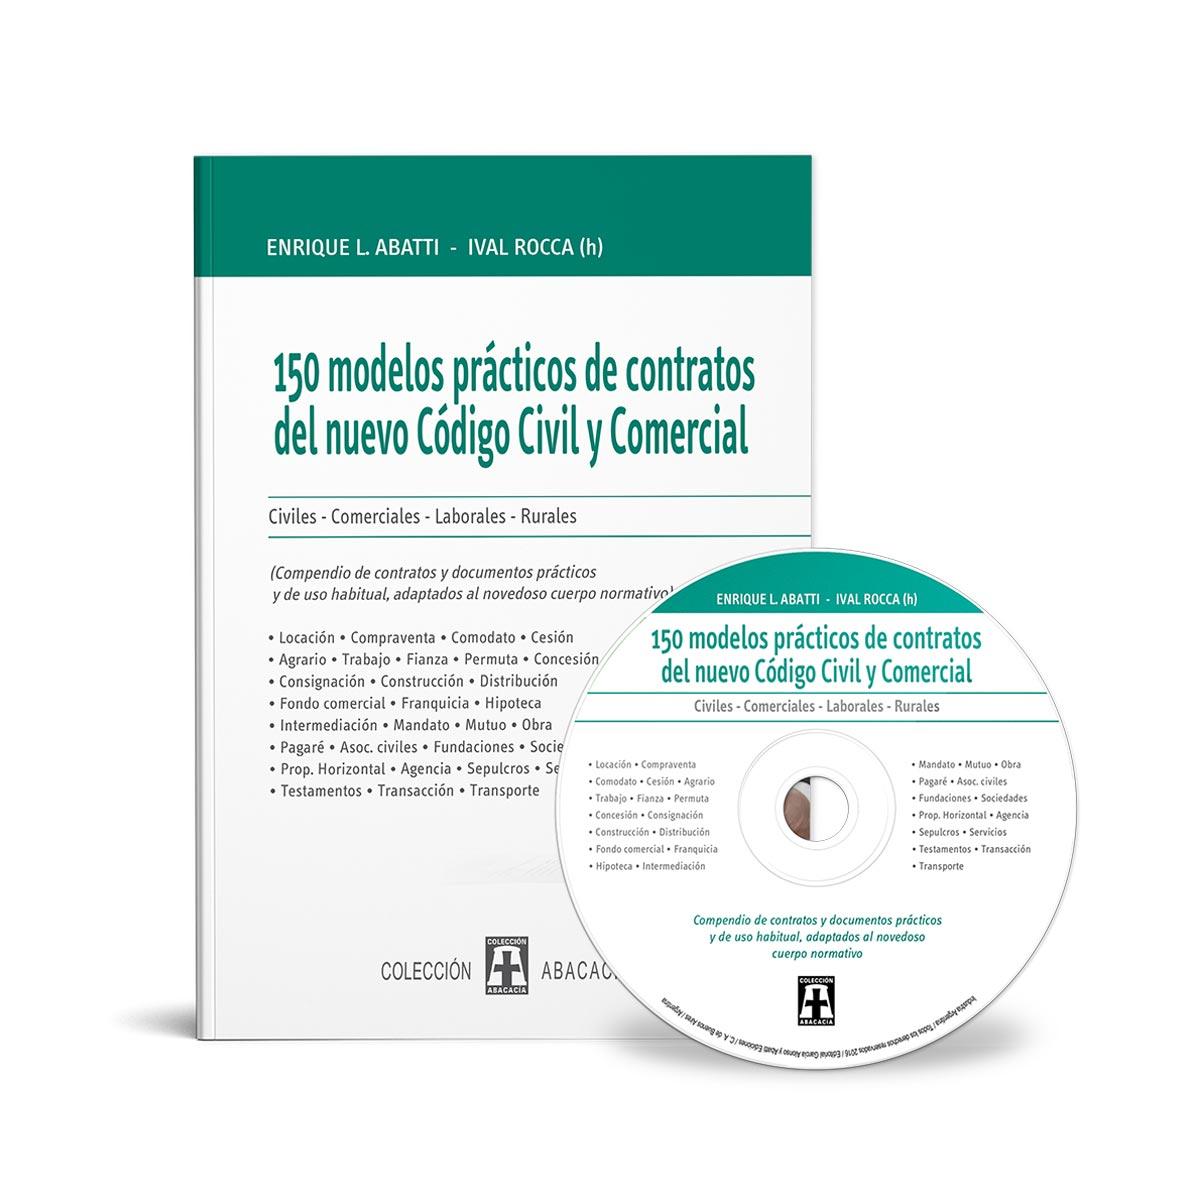 150 Modelos Practicos De Contratos Del Nuevo Codigo Civil Y